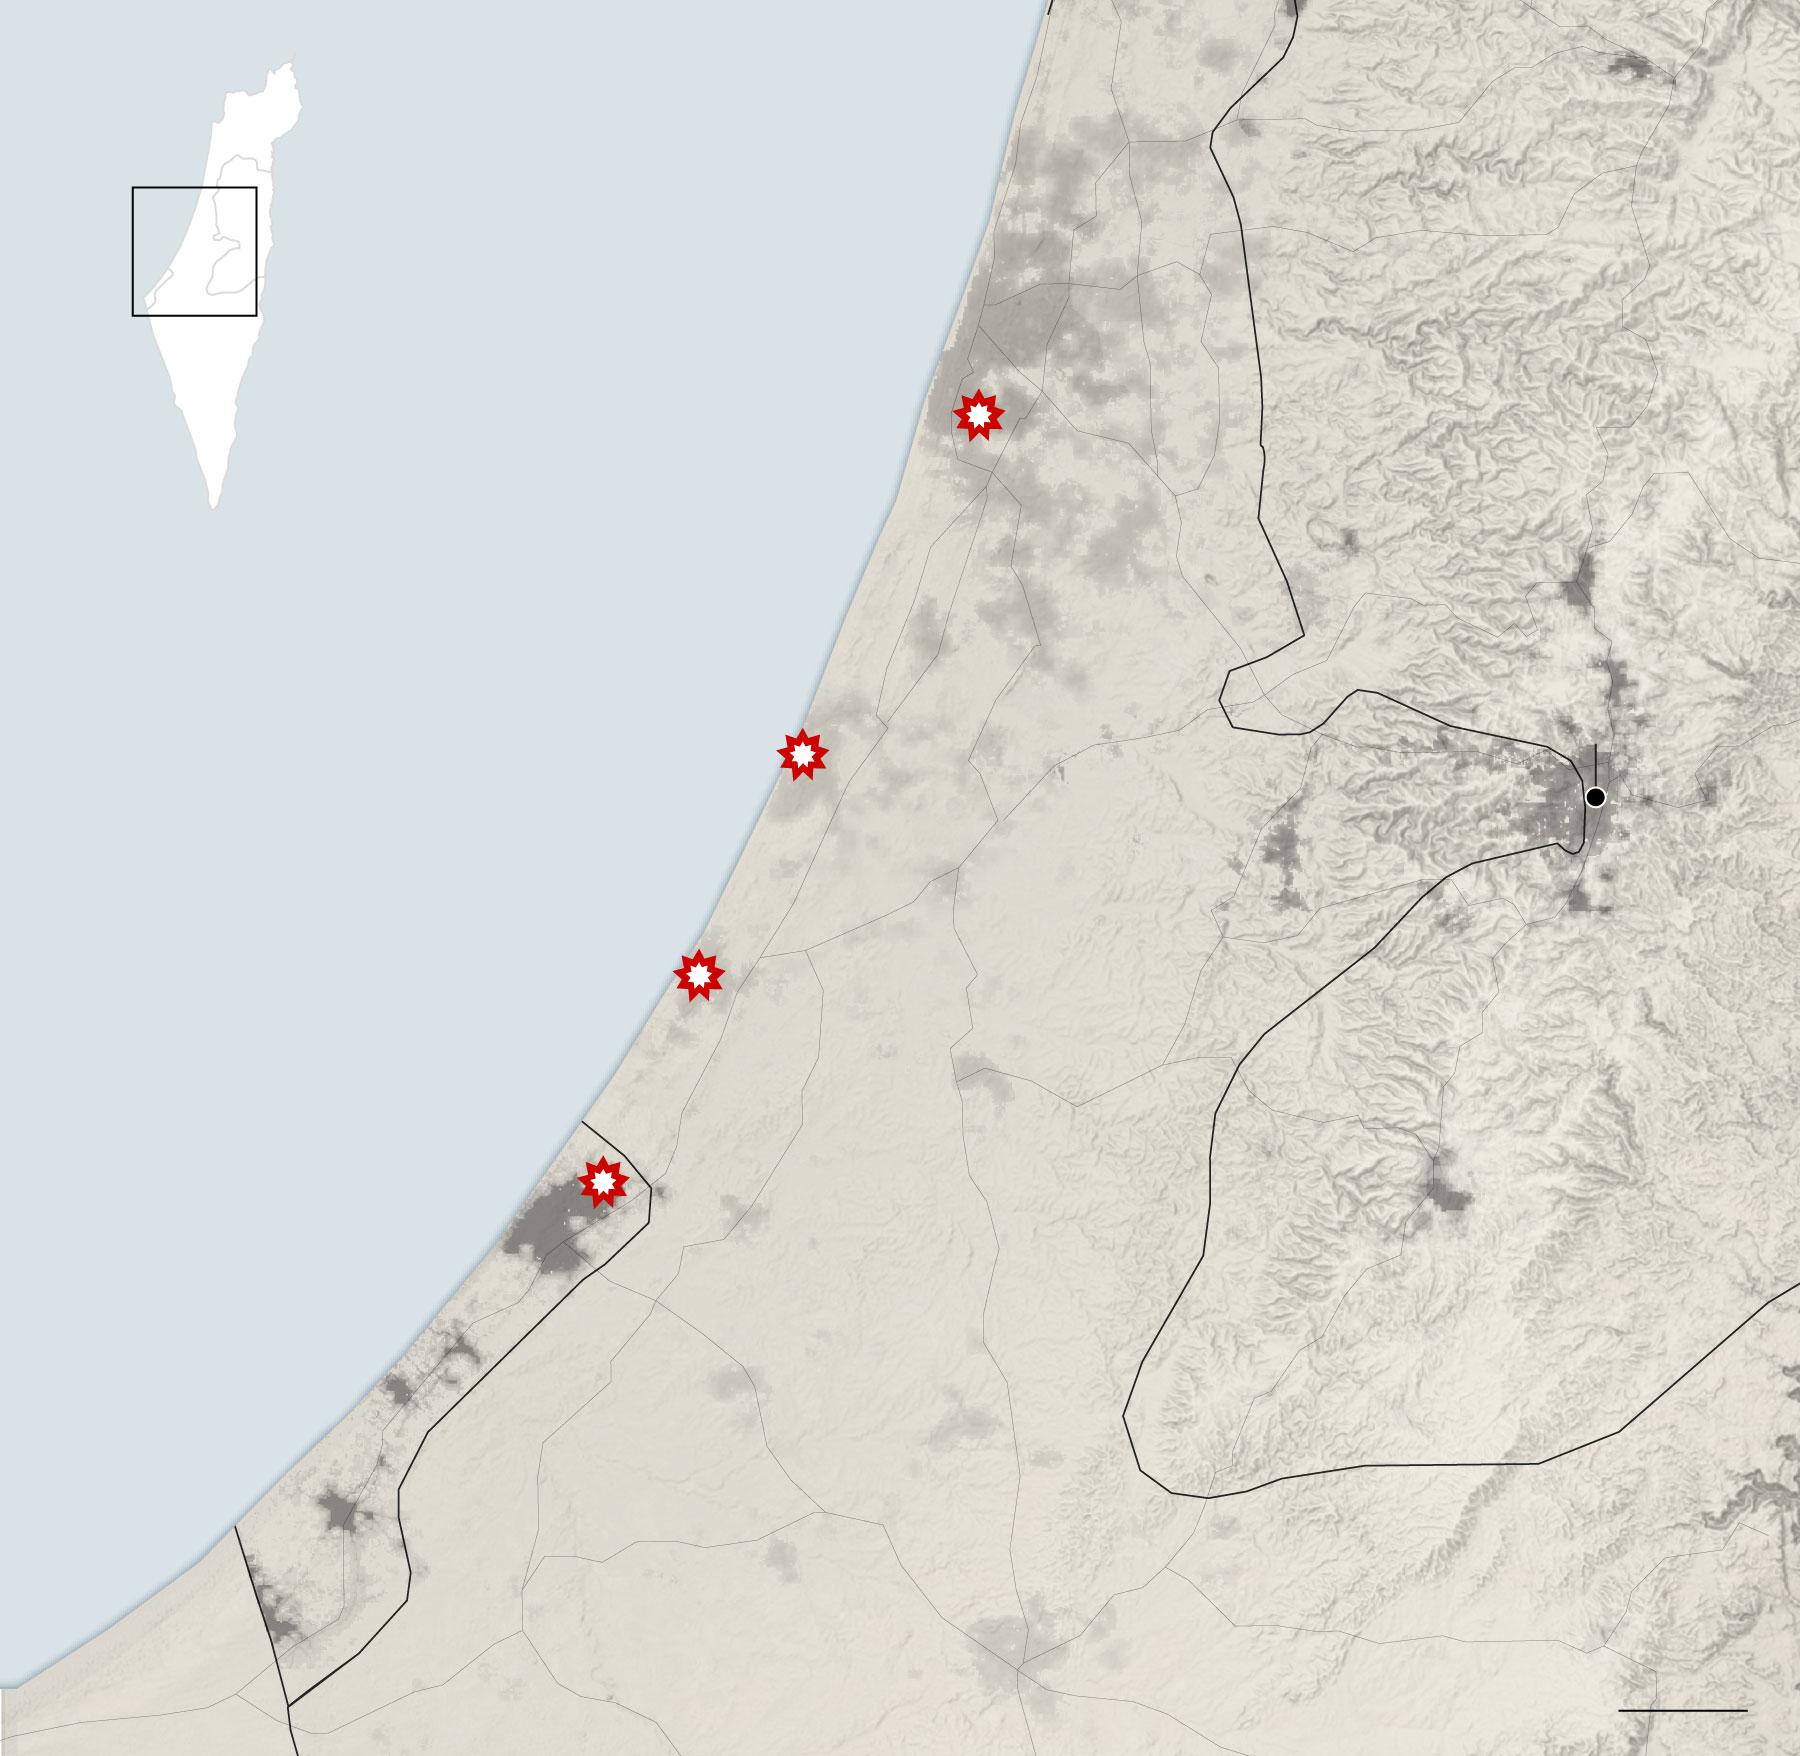 israel-map-missile-strikes